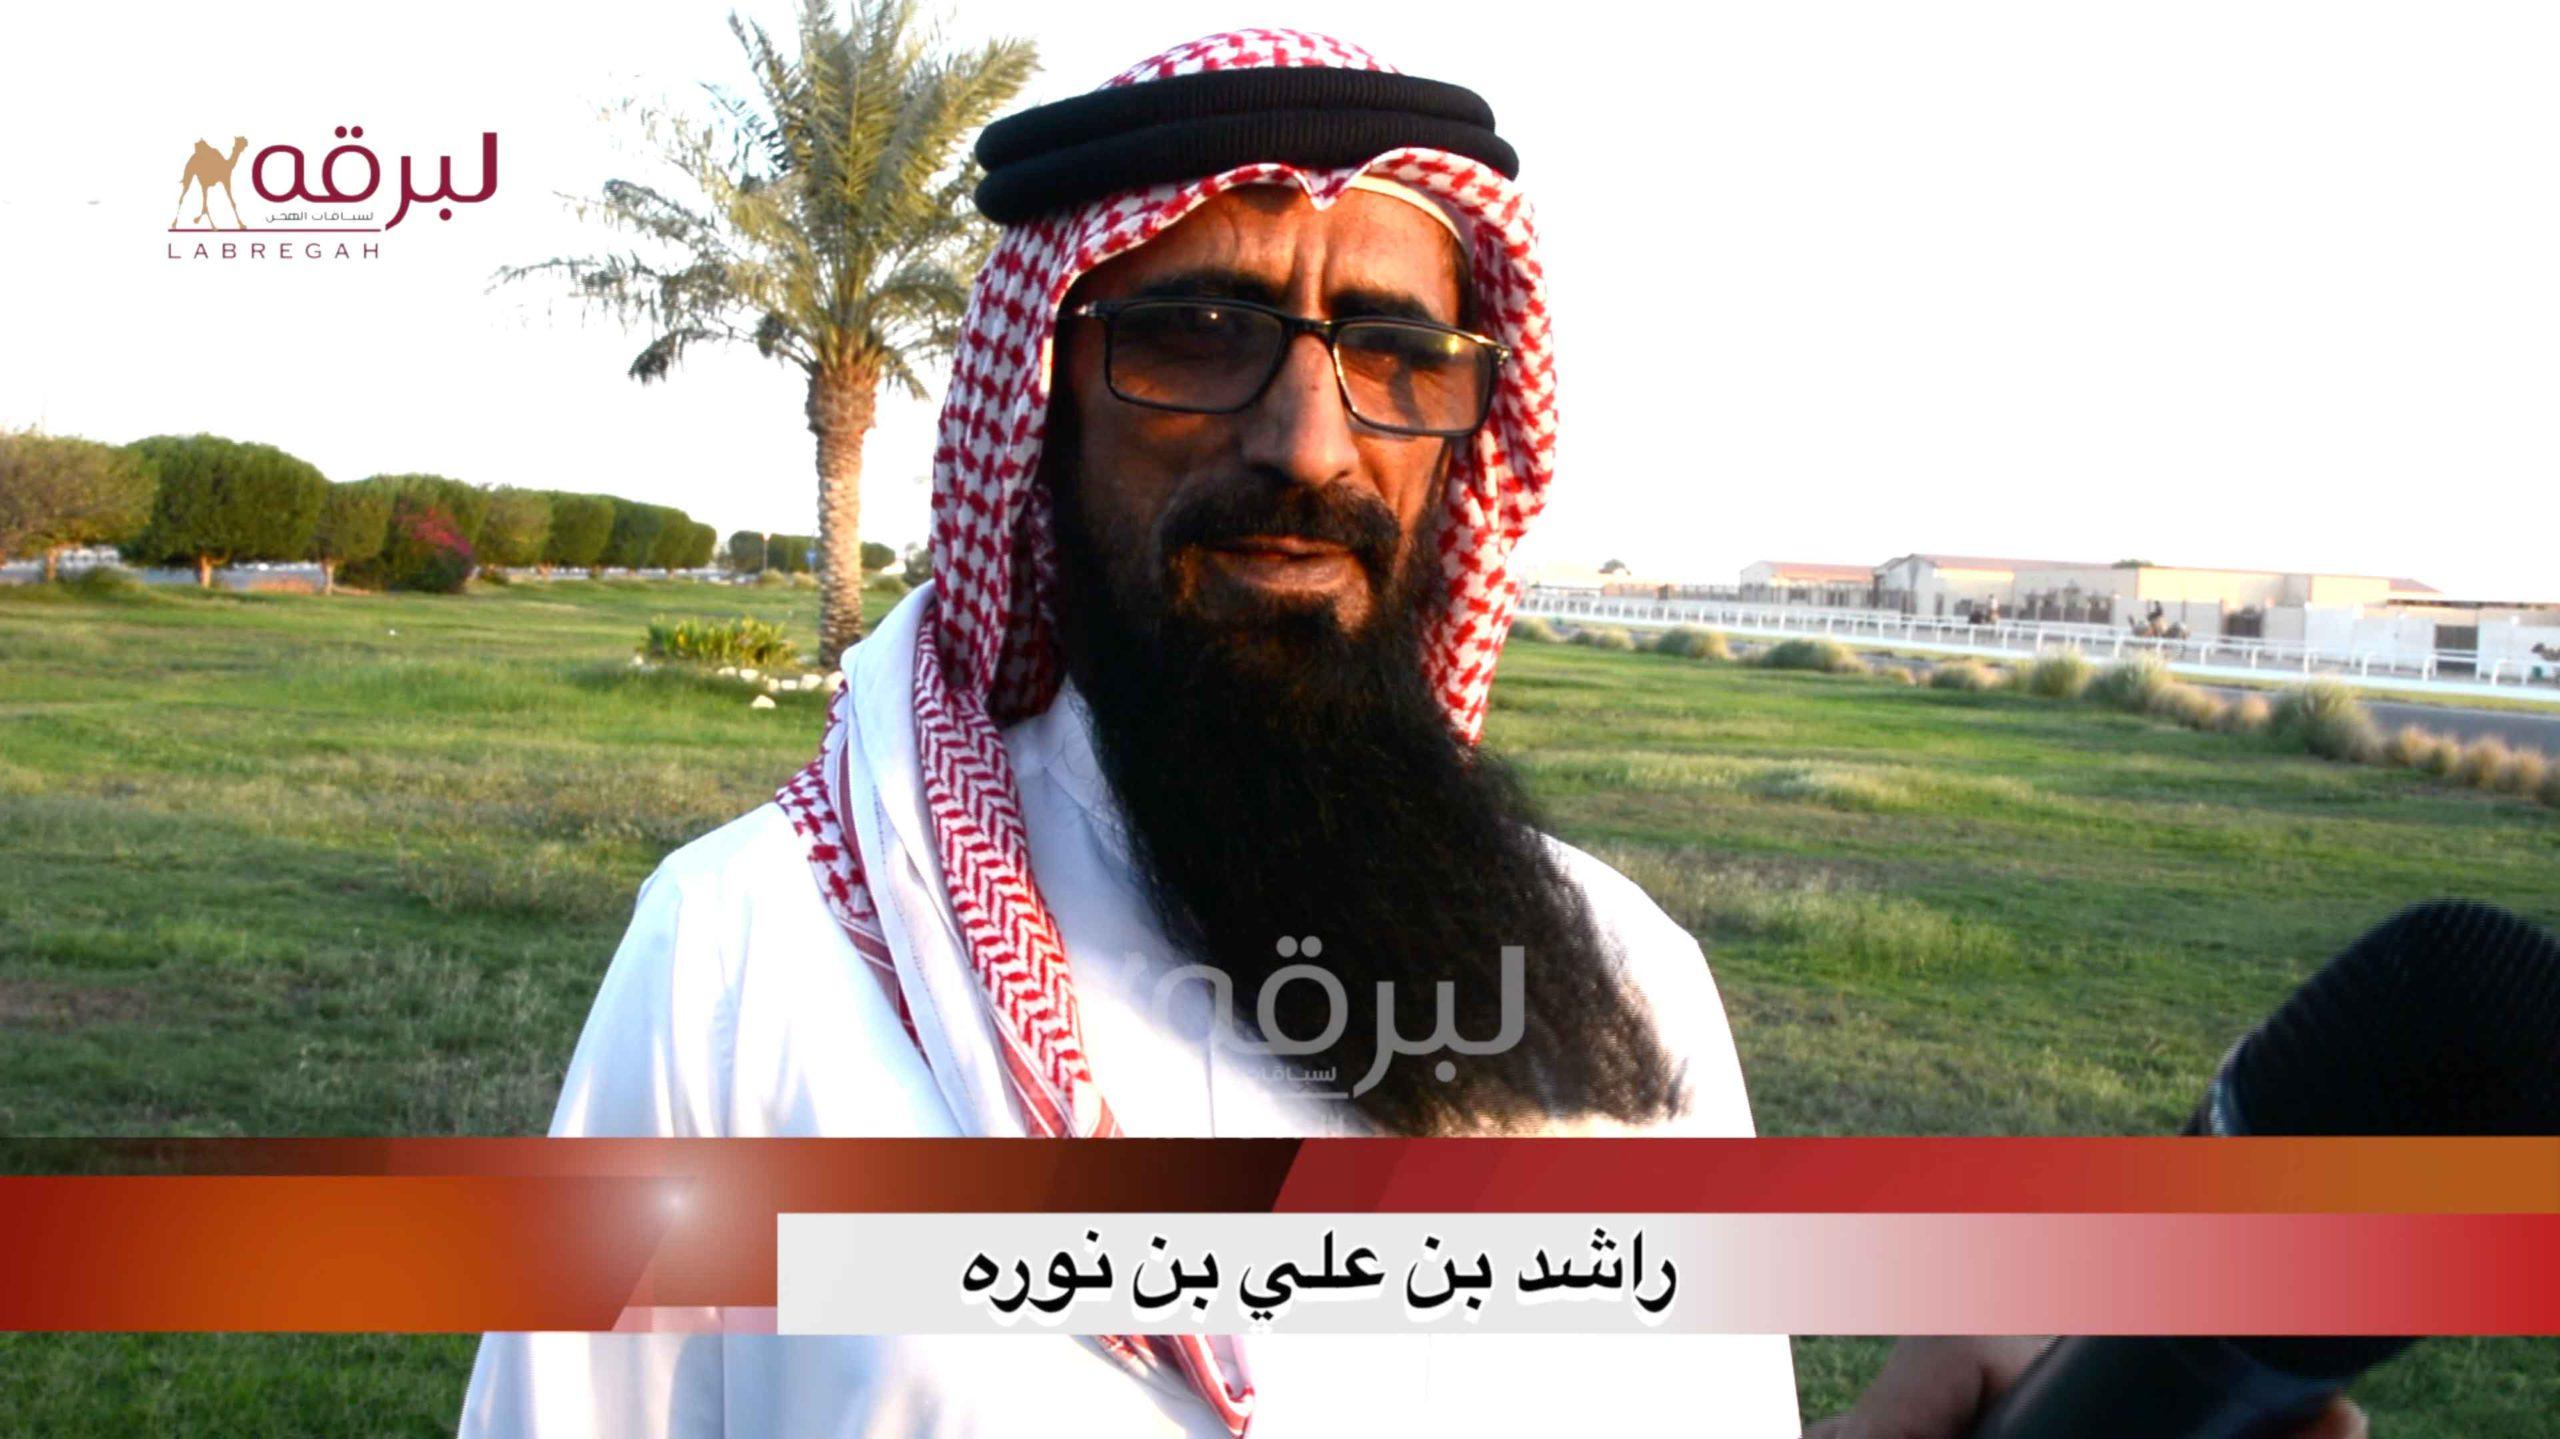 لقاء مع راشد بن علي بن نوره.. الشوط الرئيسي للحقايق قعدان مفتوح الأشواط العامة ٨-١٠-٢٠٢٠